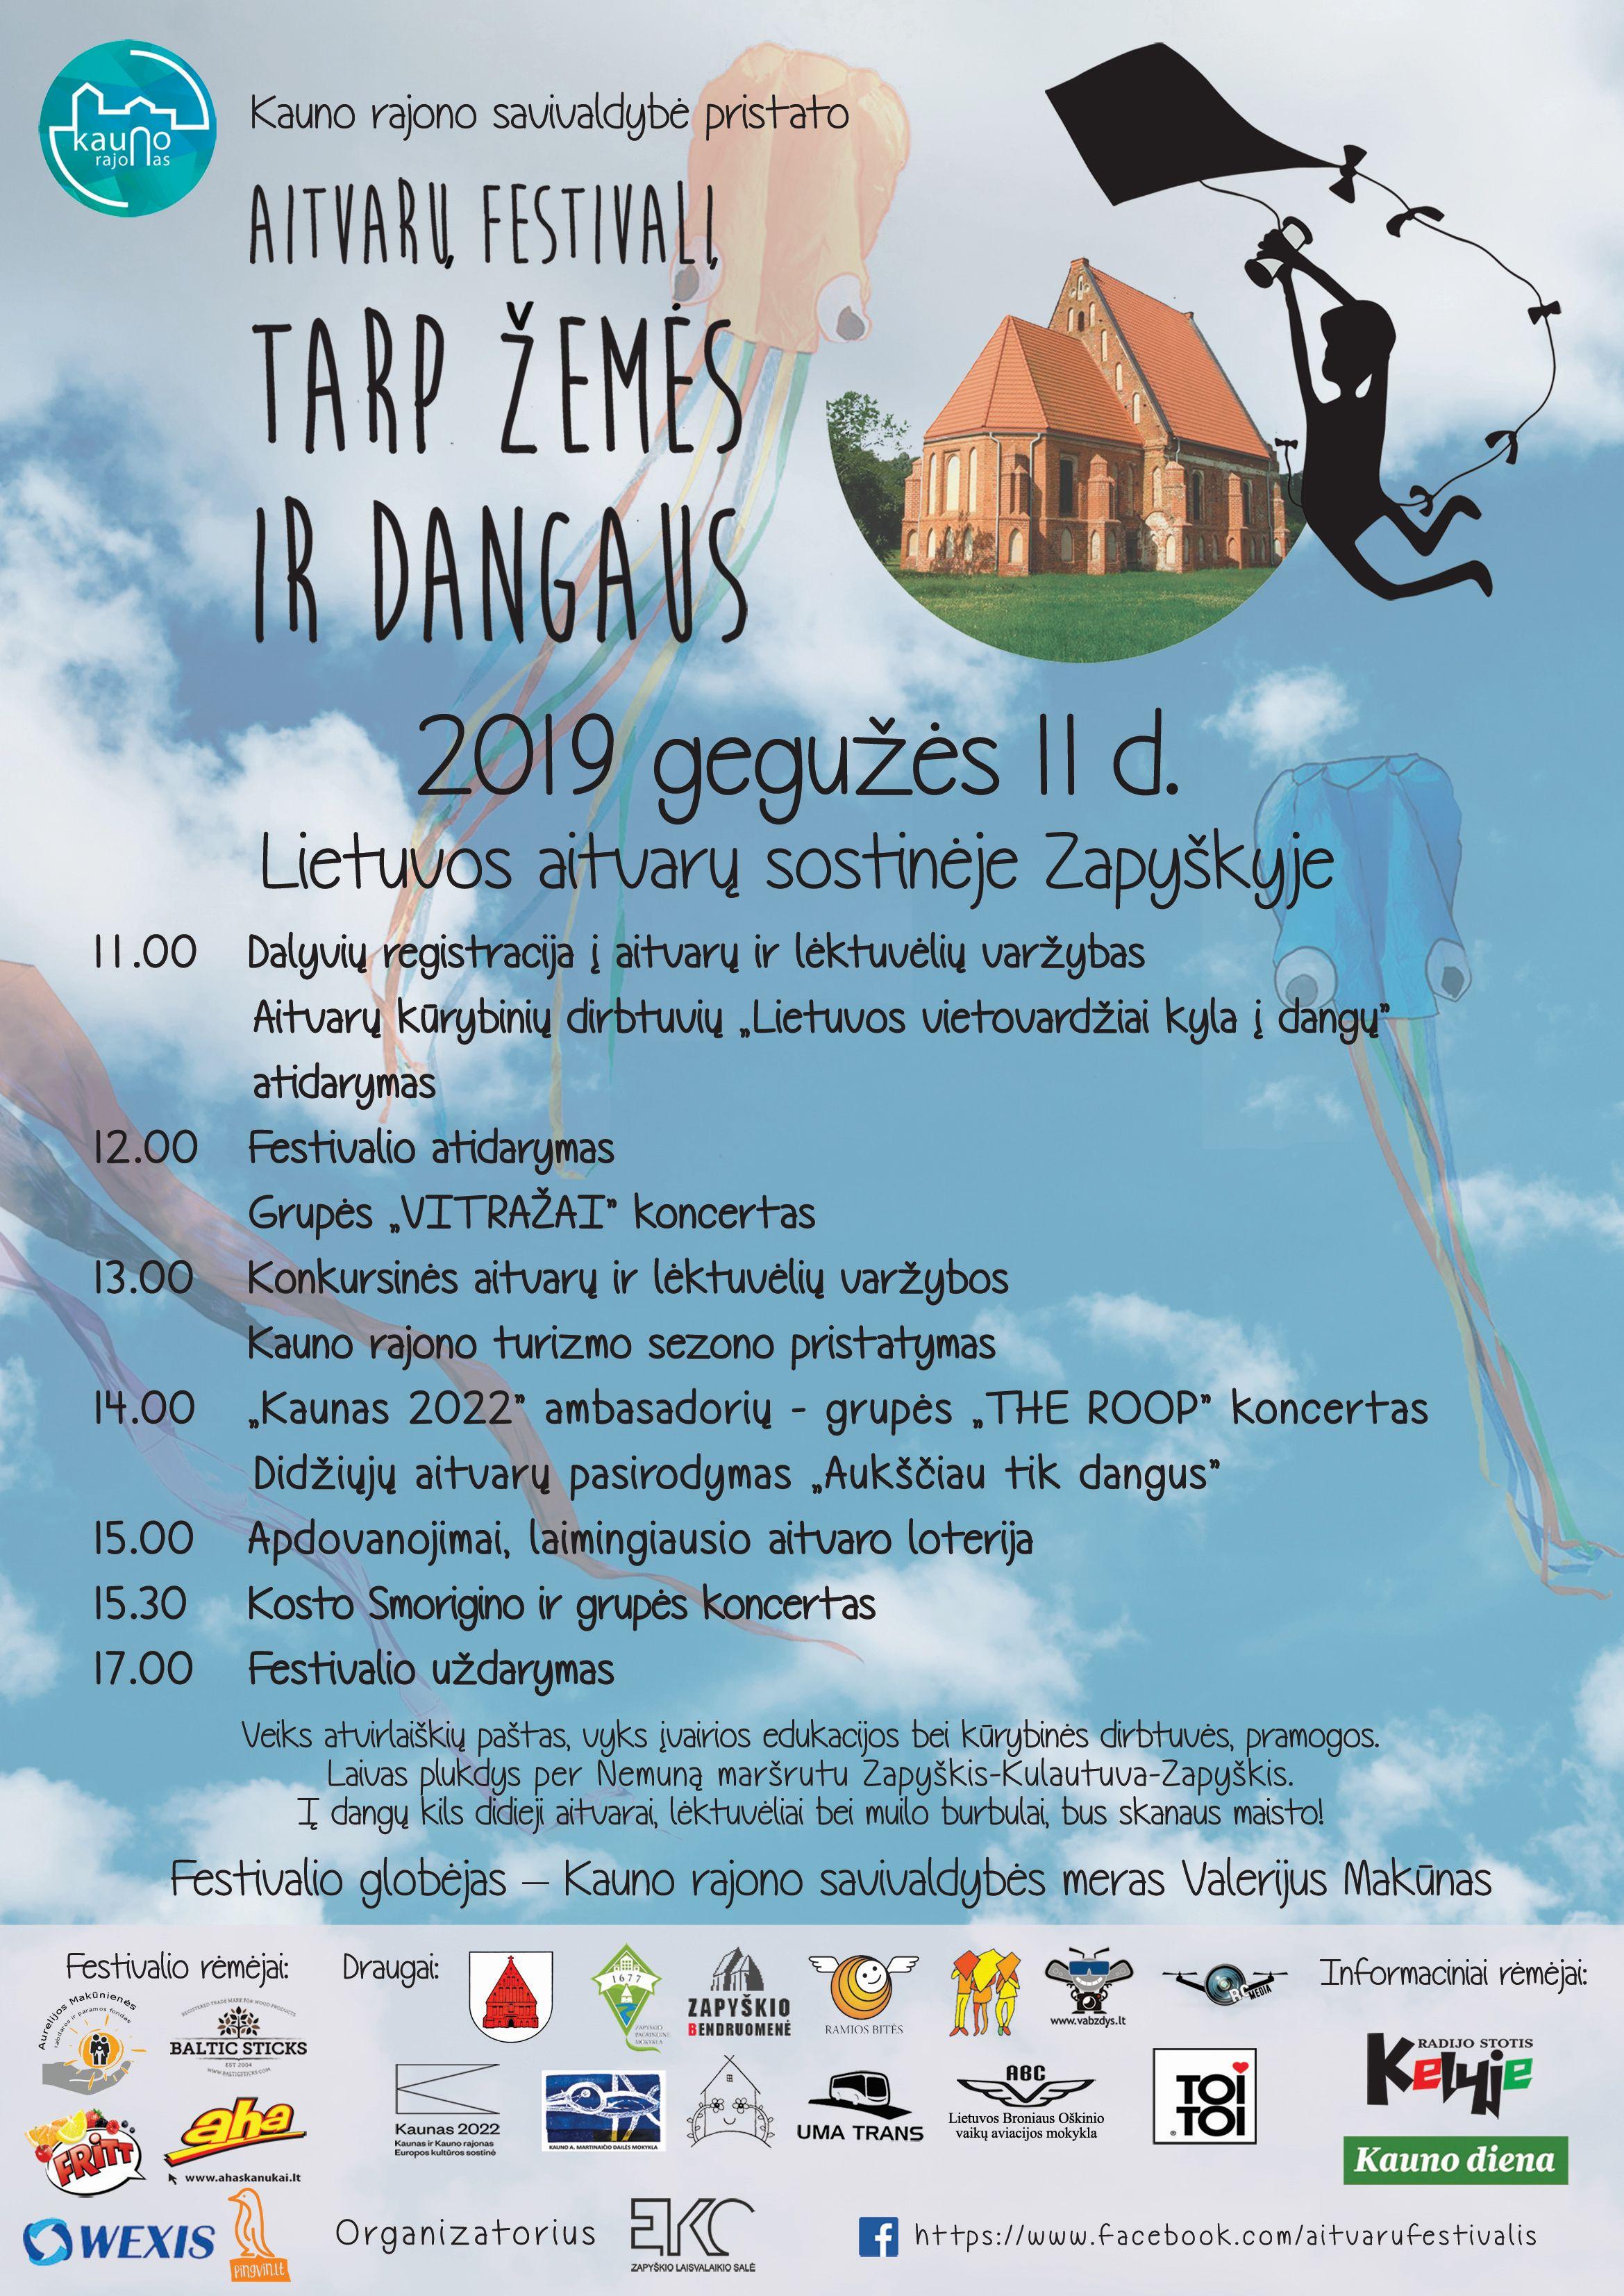 Aitvarų renginio skelbimas 2019 Zapyškis | Ežerėlio kultūros centro nuotr.